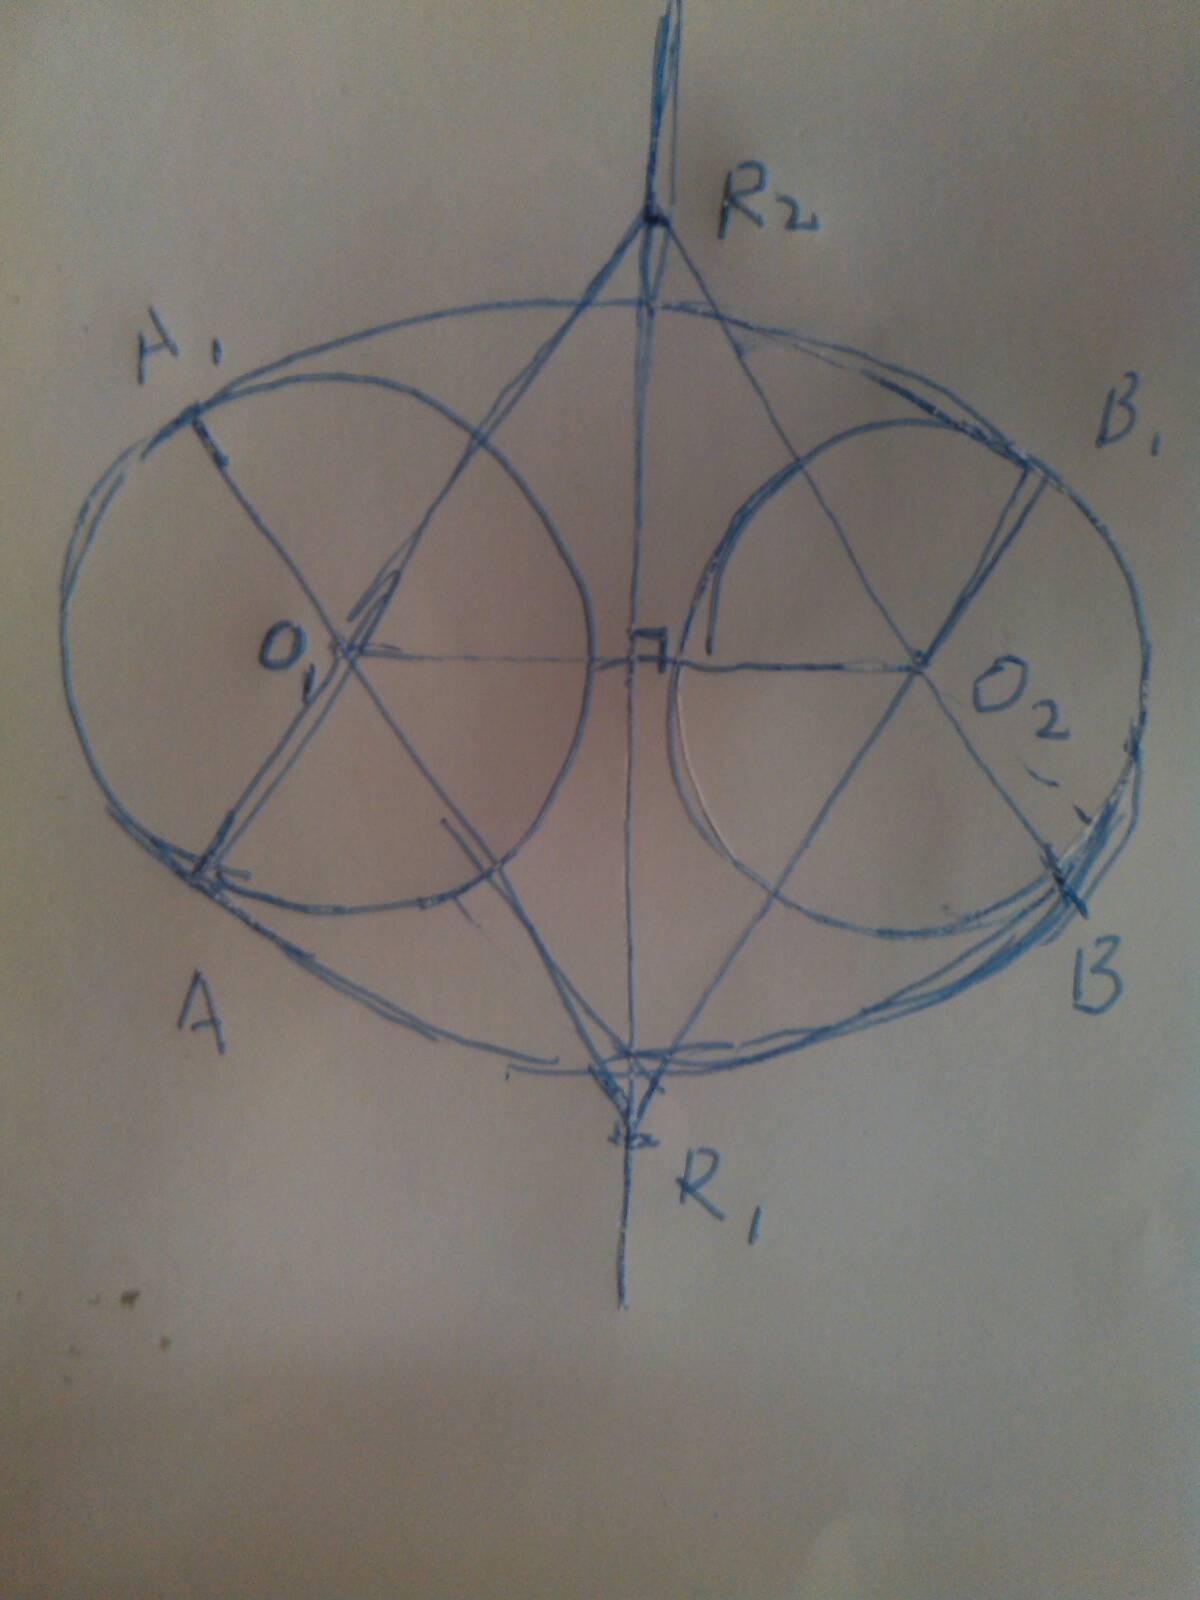 椭圆的简易画法_怎么画椭圆型木工画法_木工椭圆画法_木工椭圆的简单画法_木工 ...